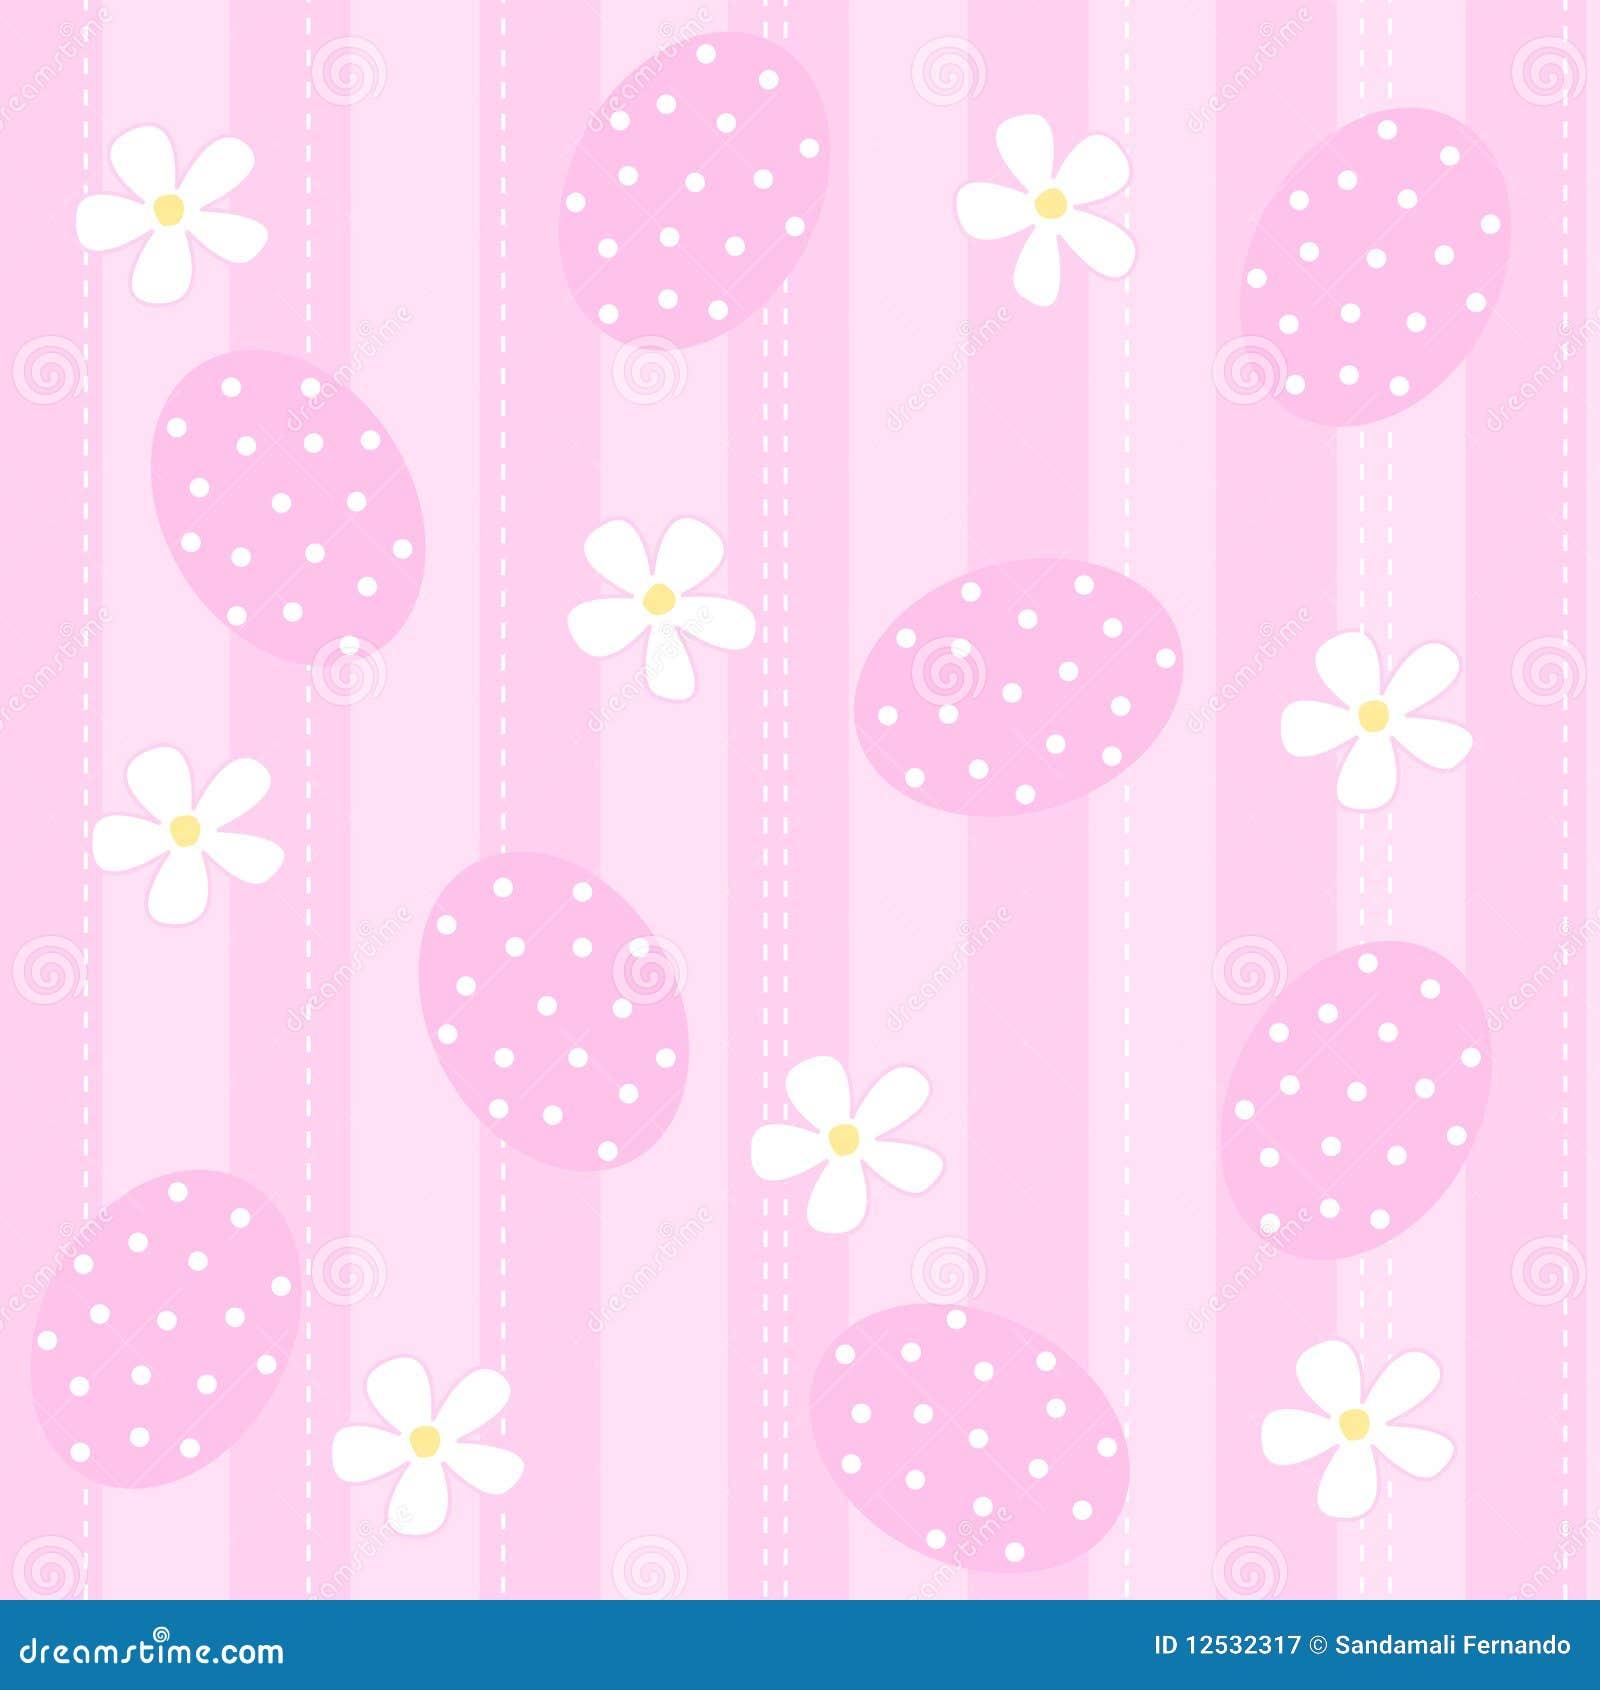 light pink and white polka dot wallpaper